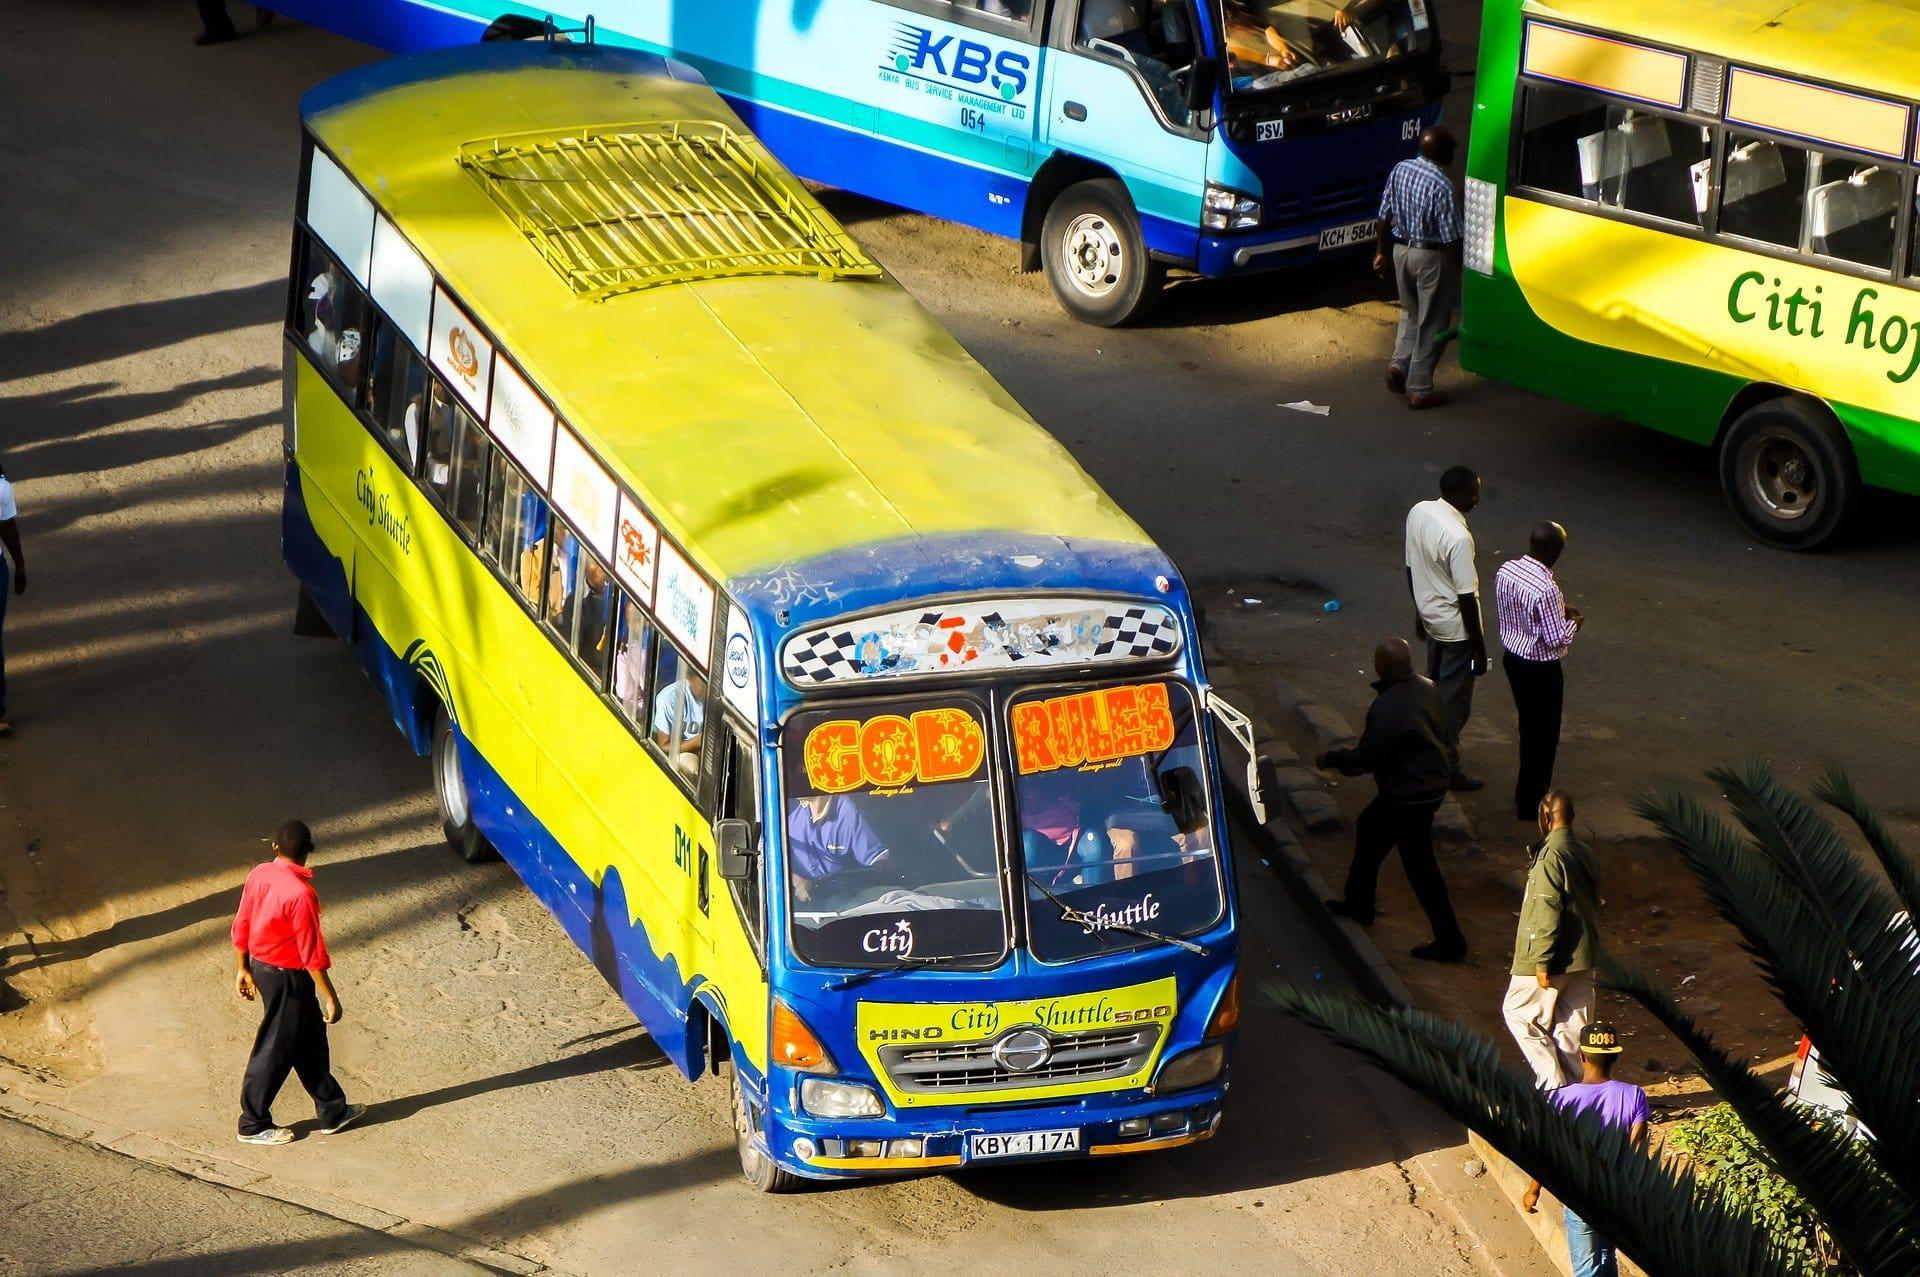 PSV matatu business in Kenya